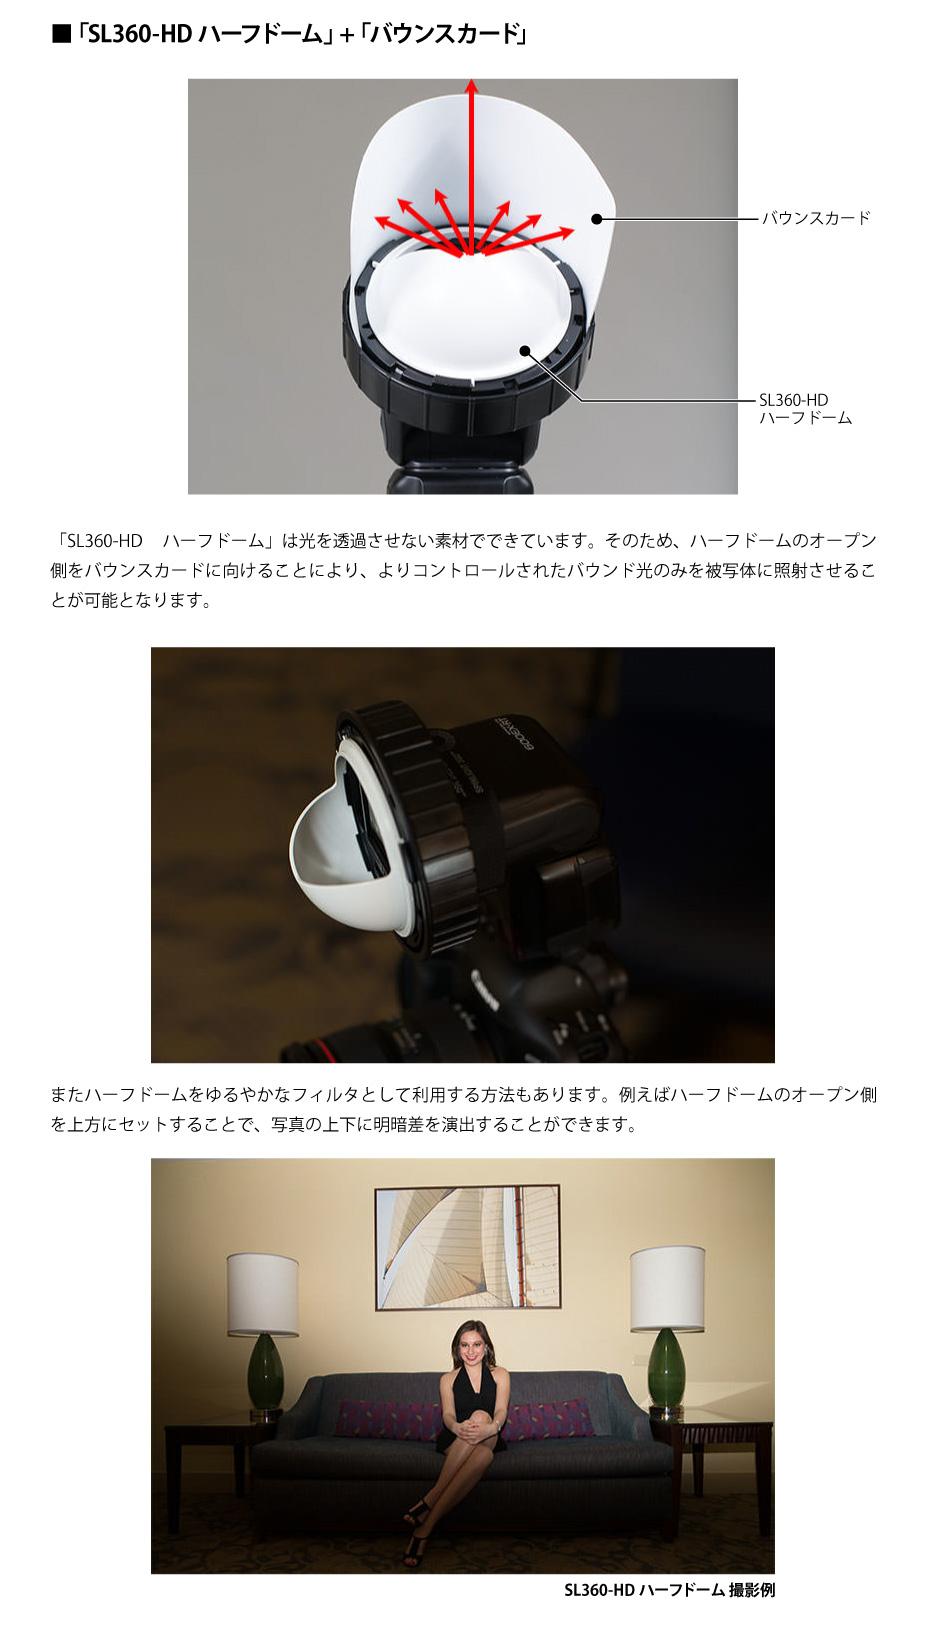 スピードライト用アクセサリー Spinlight スピンライト